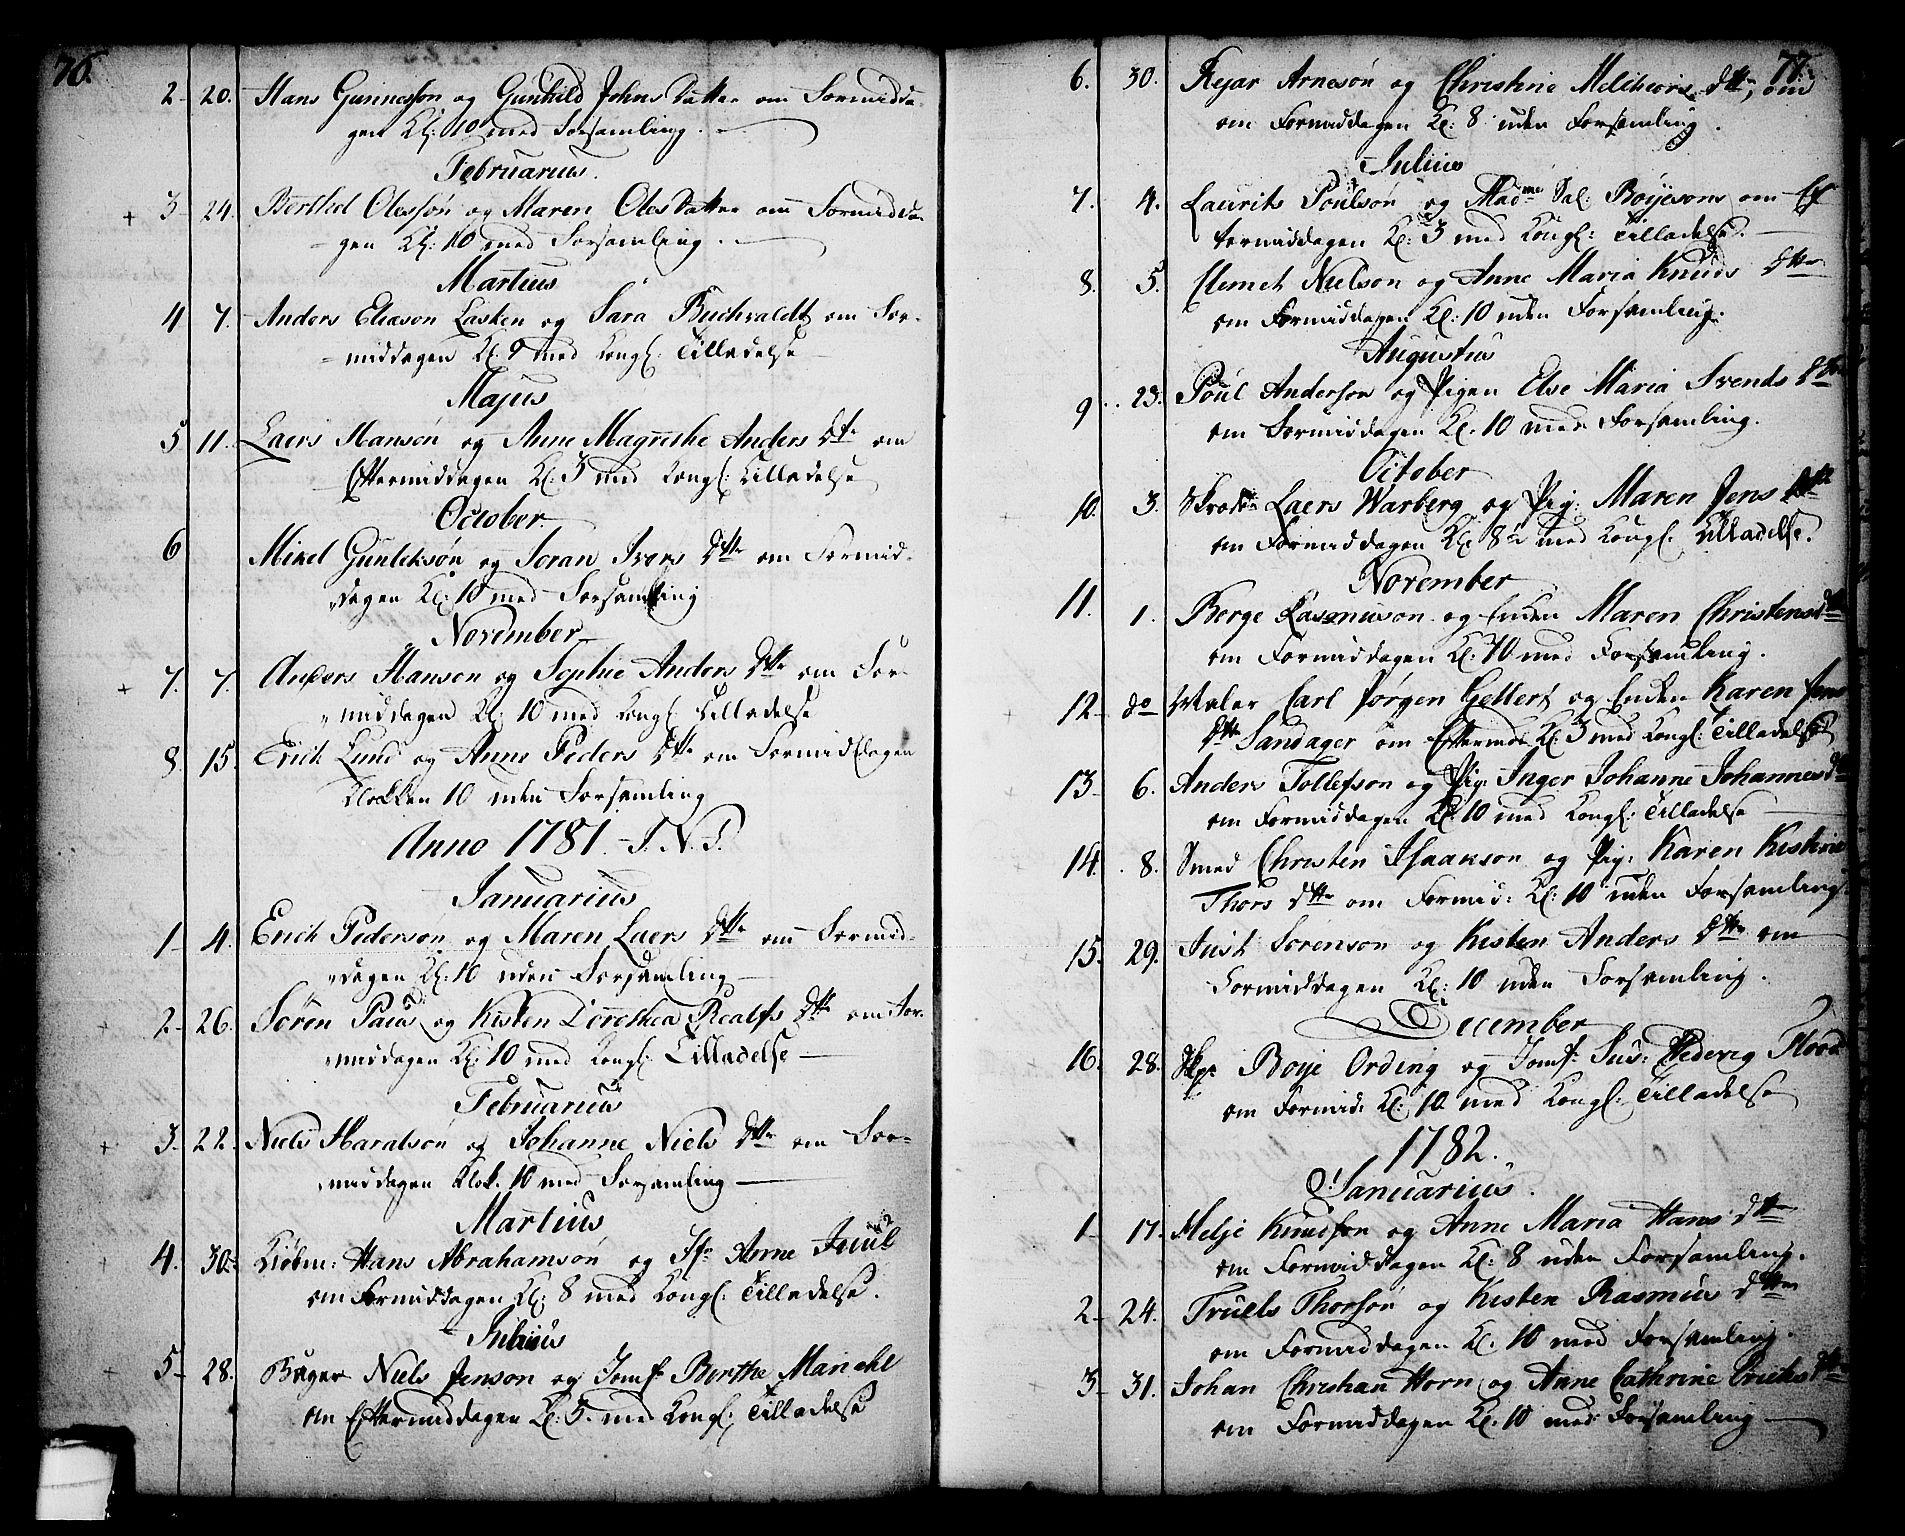 SAKO, Skien kirkebøker, F/Fa/L0003: Ministerialbok nr. 3, 1755-1791, s. 76-77